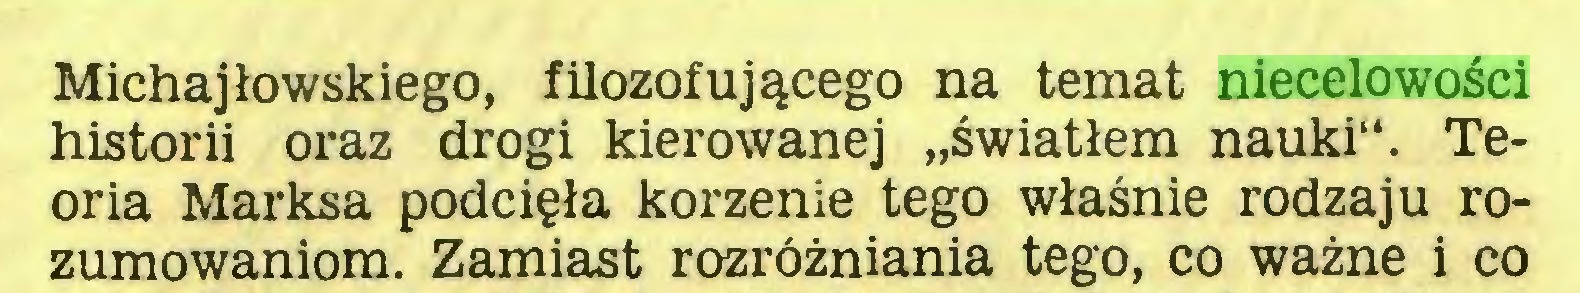 """(...) Michajłowskiego, filozofującego na temat niecelowości historii oraz drogi kierowanej """"światłem nauki"""". Teoria Marksa podcięła korzenie tego właśnie rodzaju rozumowaniom. Zamiast rozróżniania tego, co ważne i co..."""